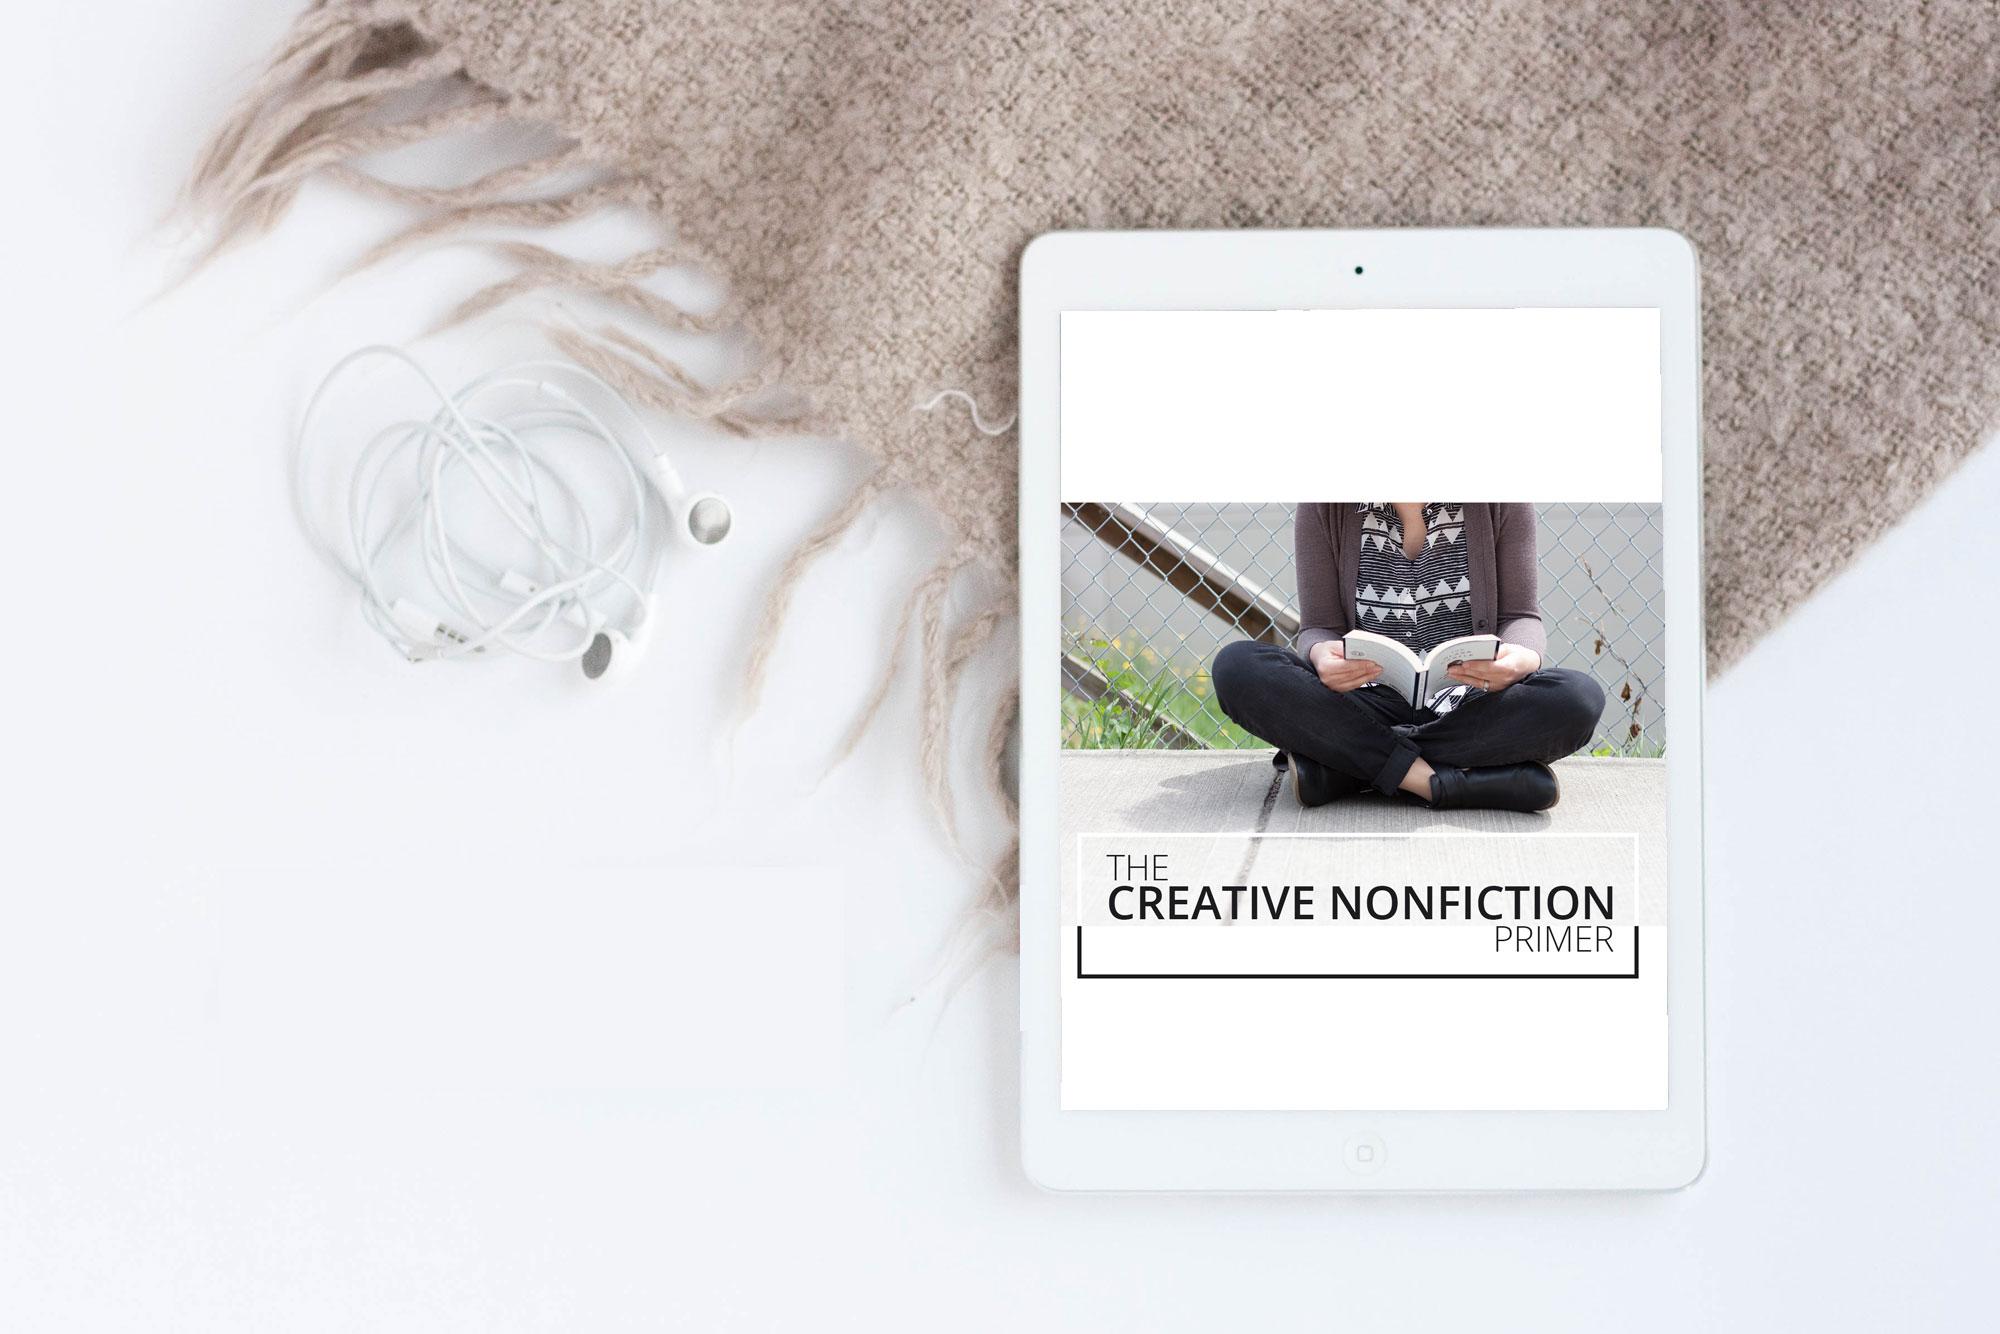 Creative Nonfiction Writing Course